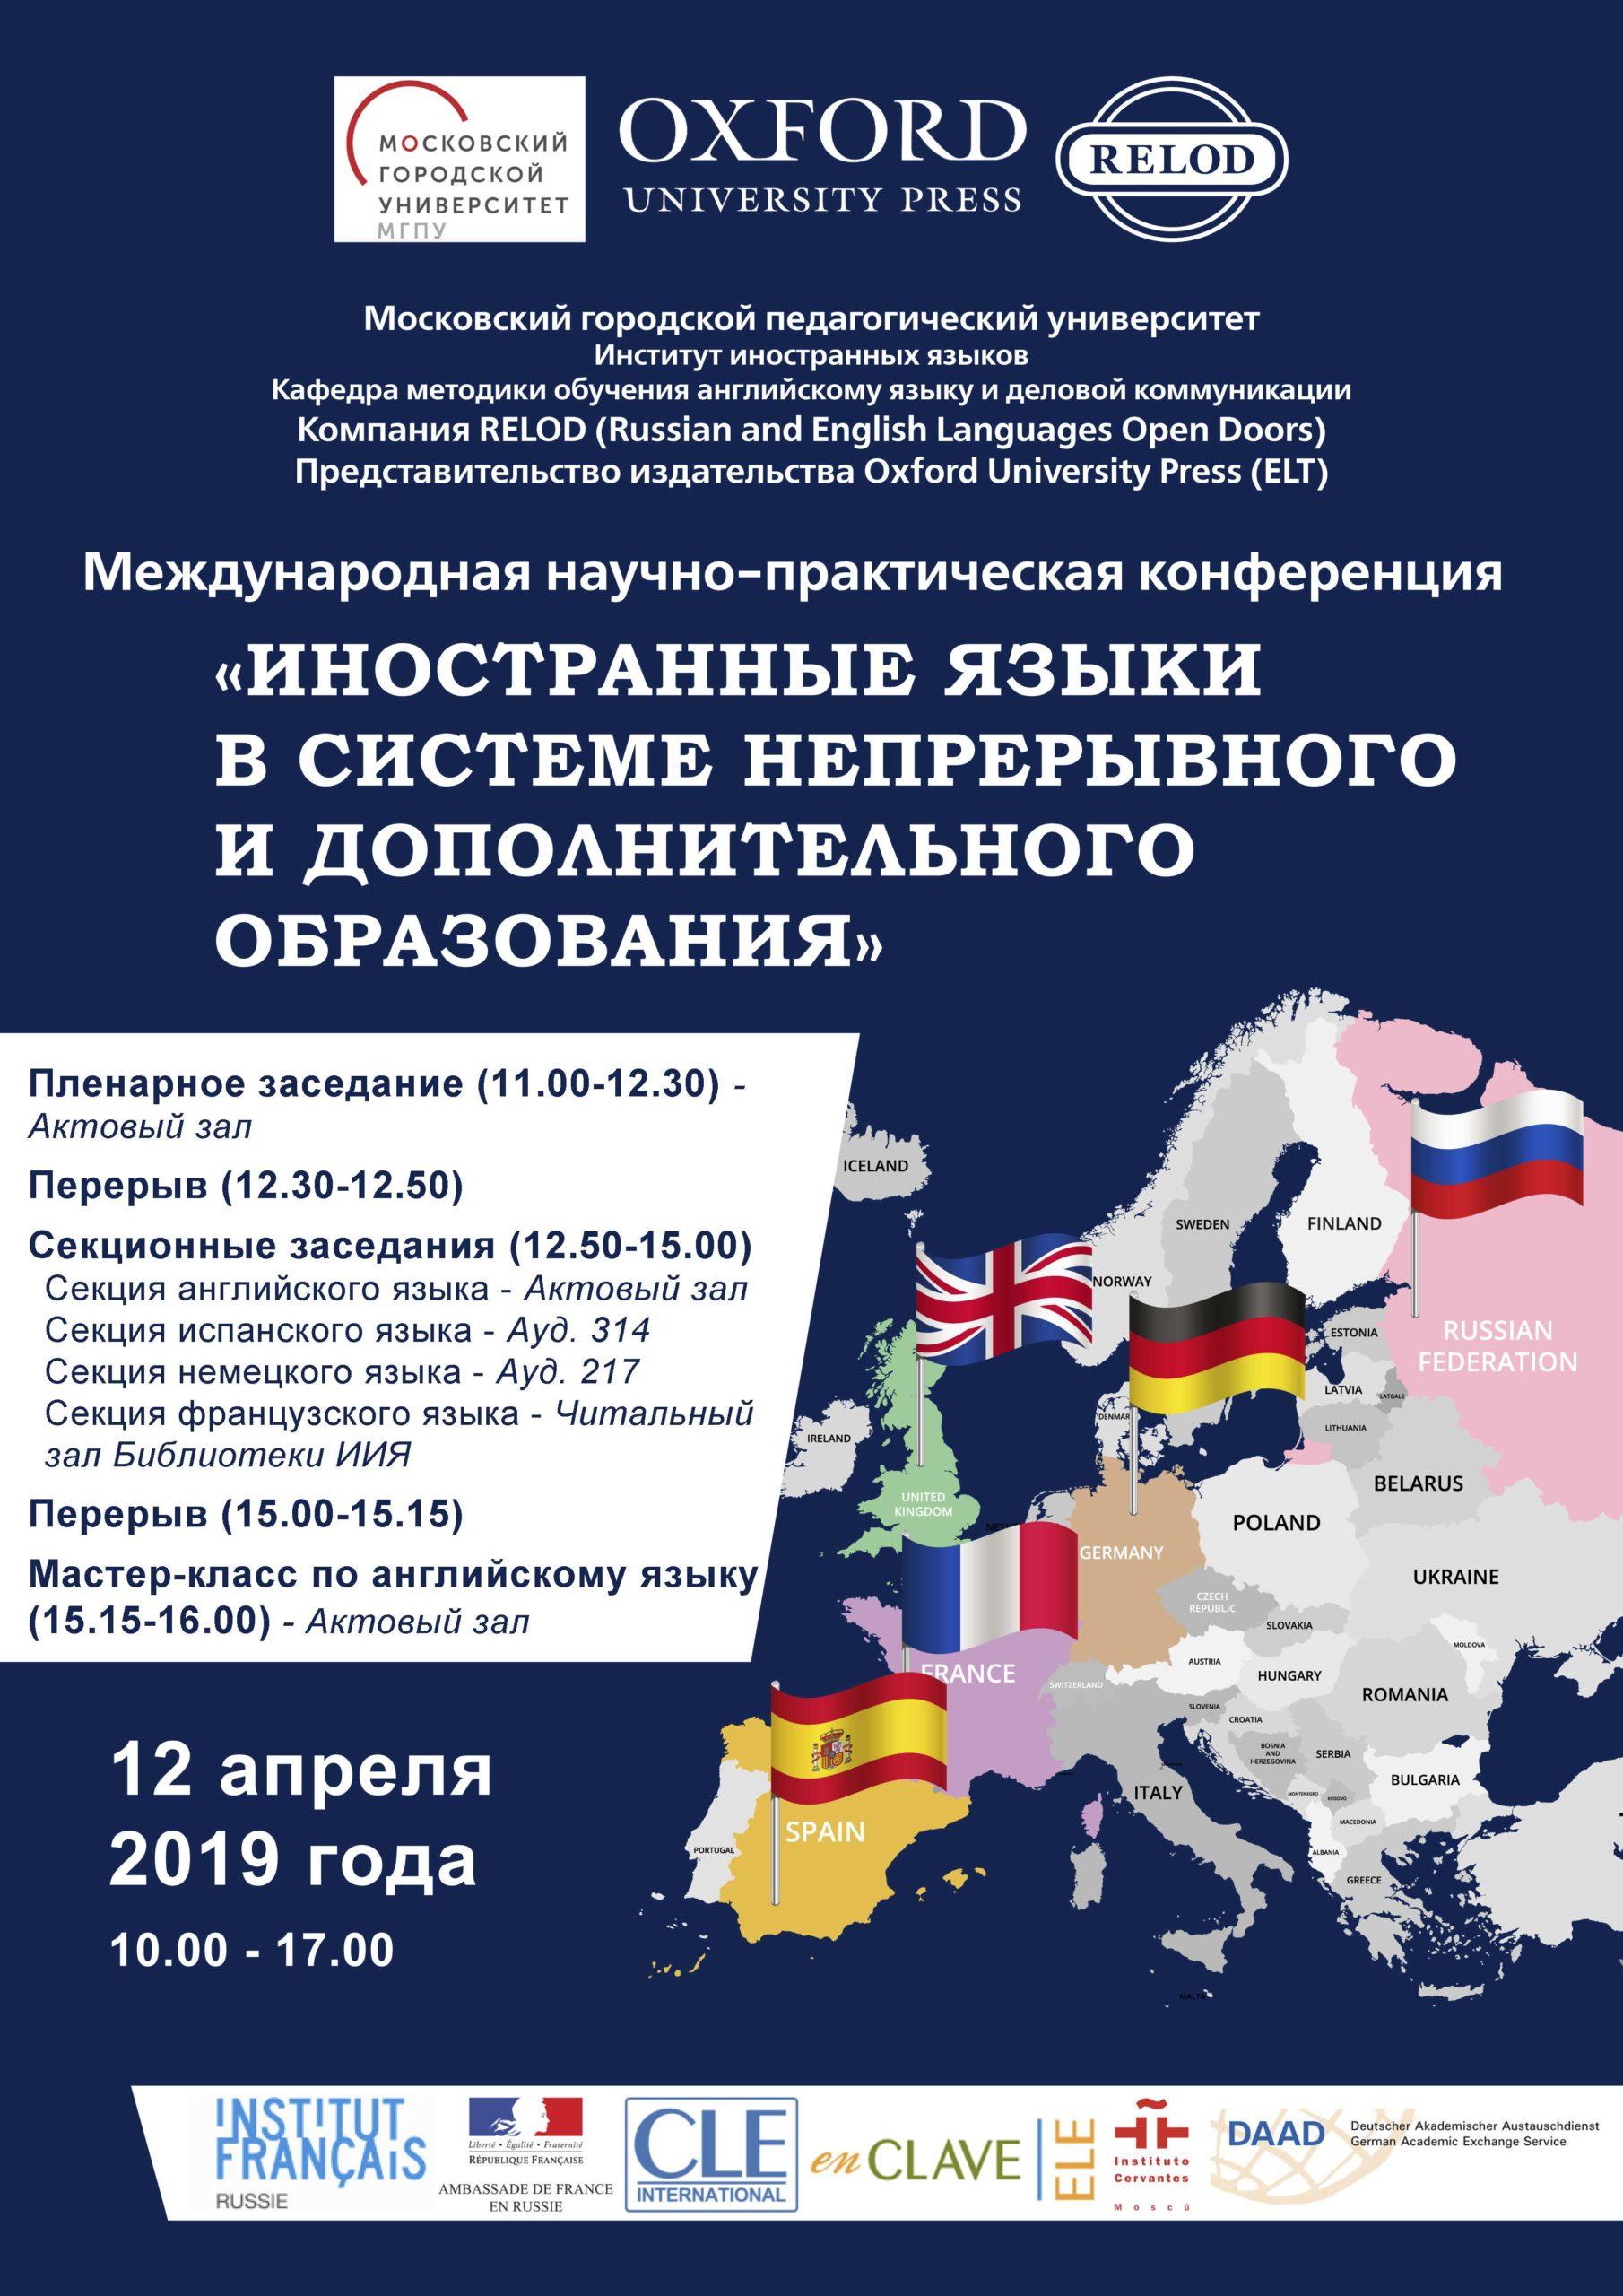 Международная научно-практическая конференция вИИЯ